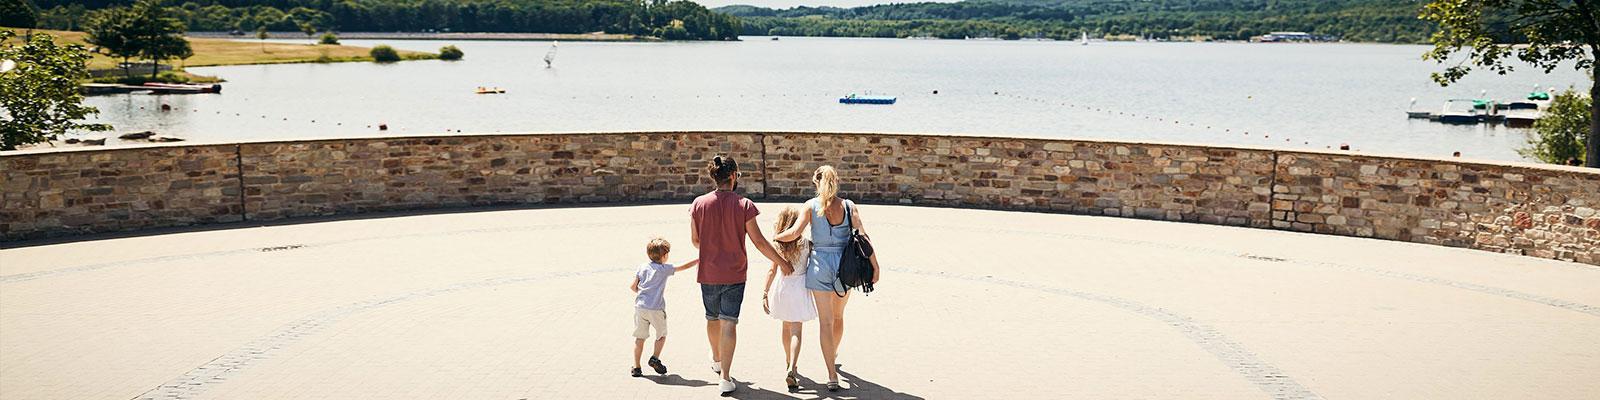 vakantiepark in Saarland, Duitsland